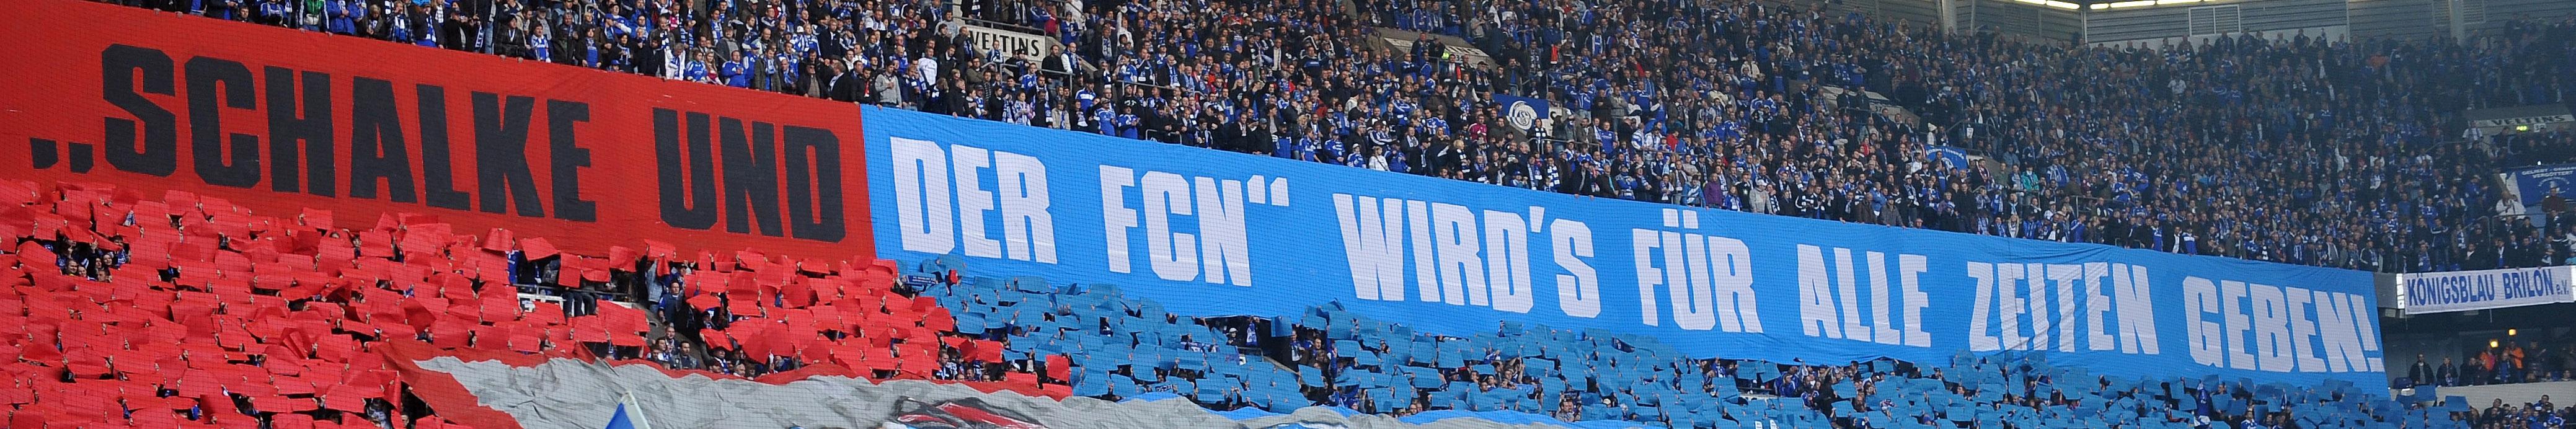 Fanfreundschaften im deutschen Fußball